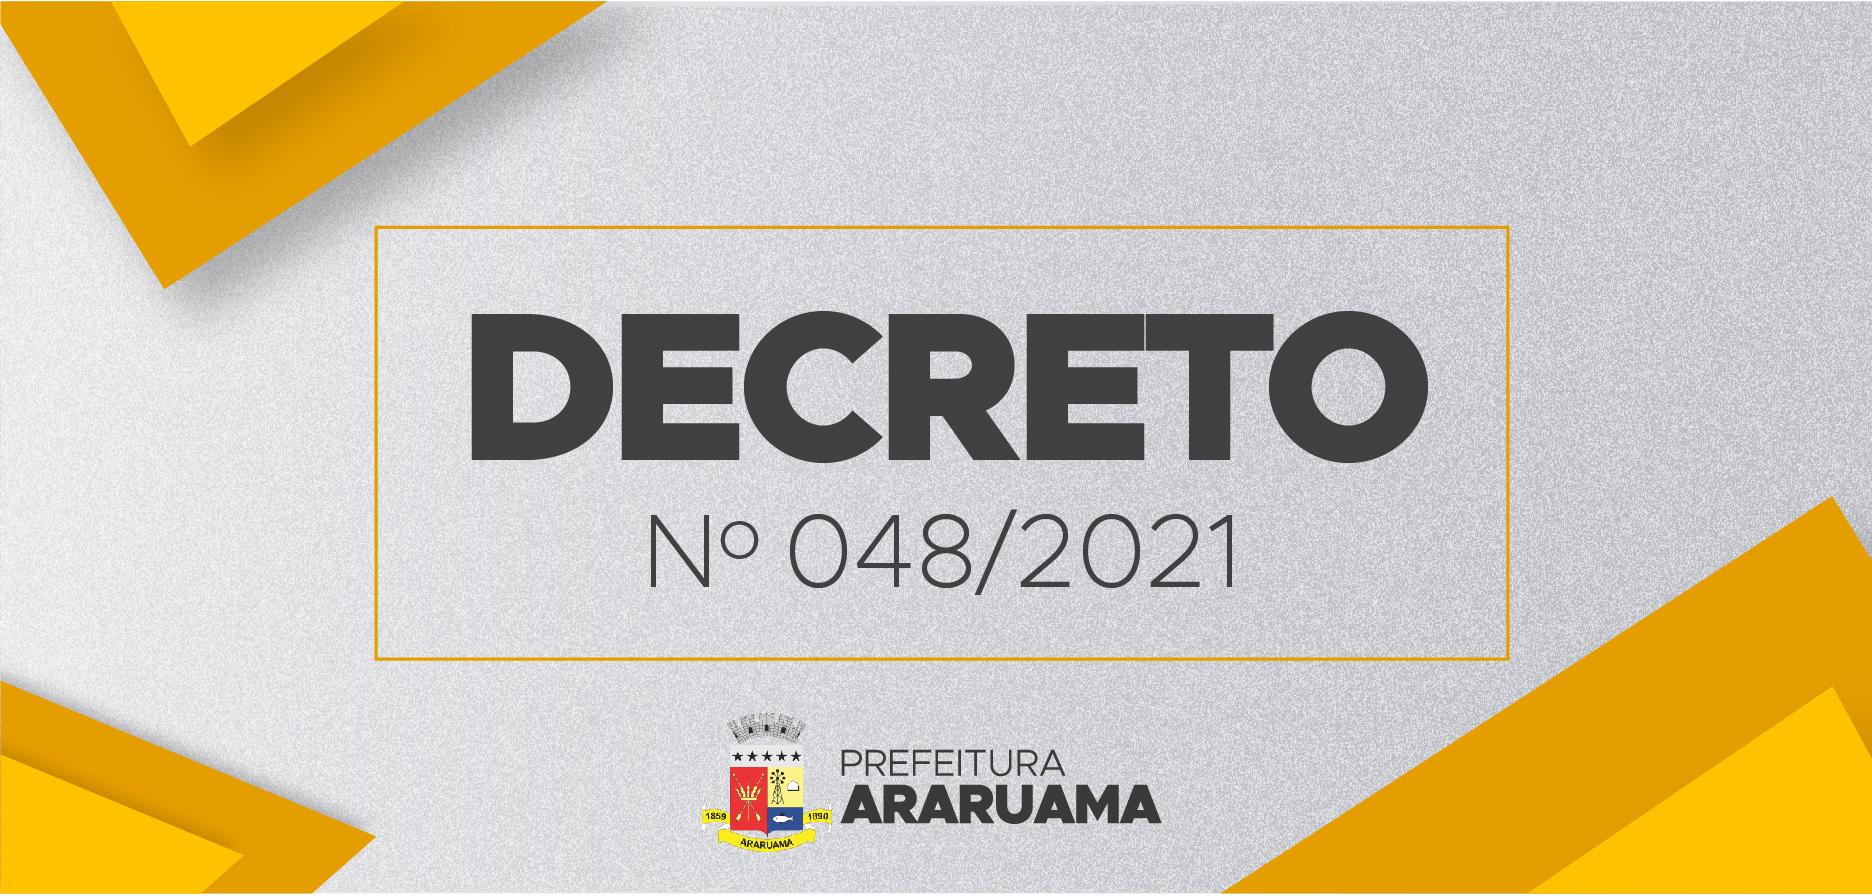 Prefeitura de Araruama publica Decreto 048/2021